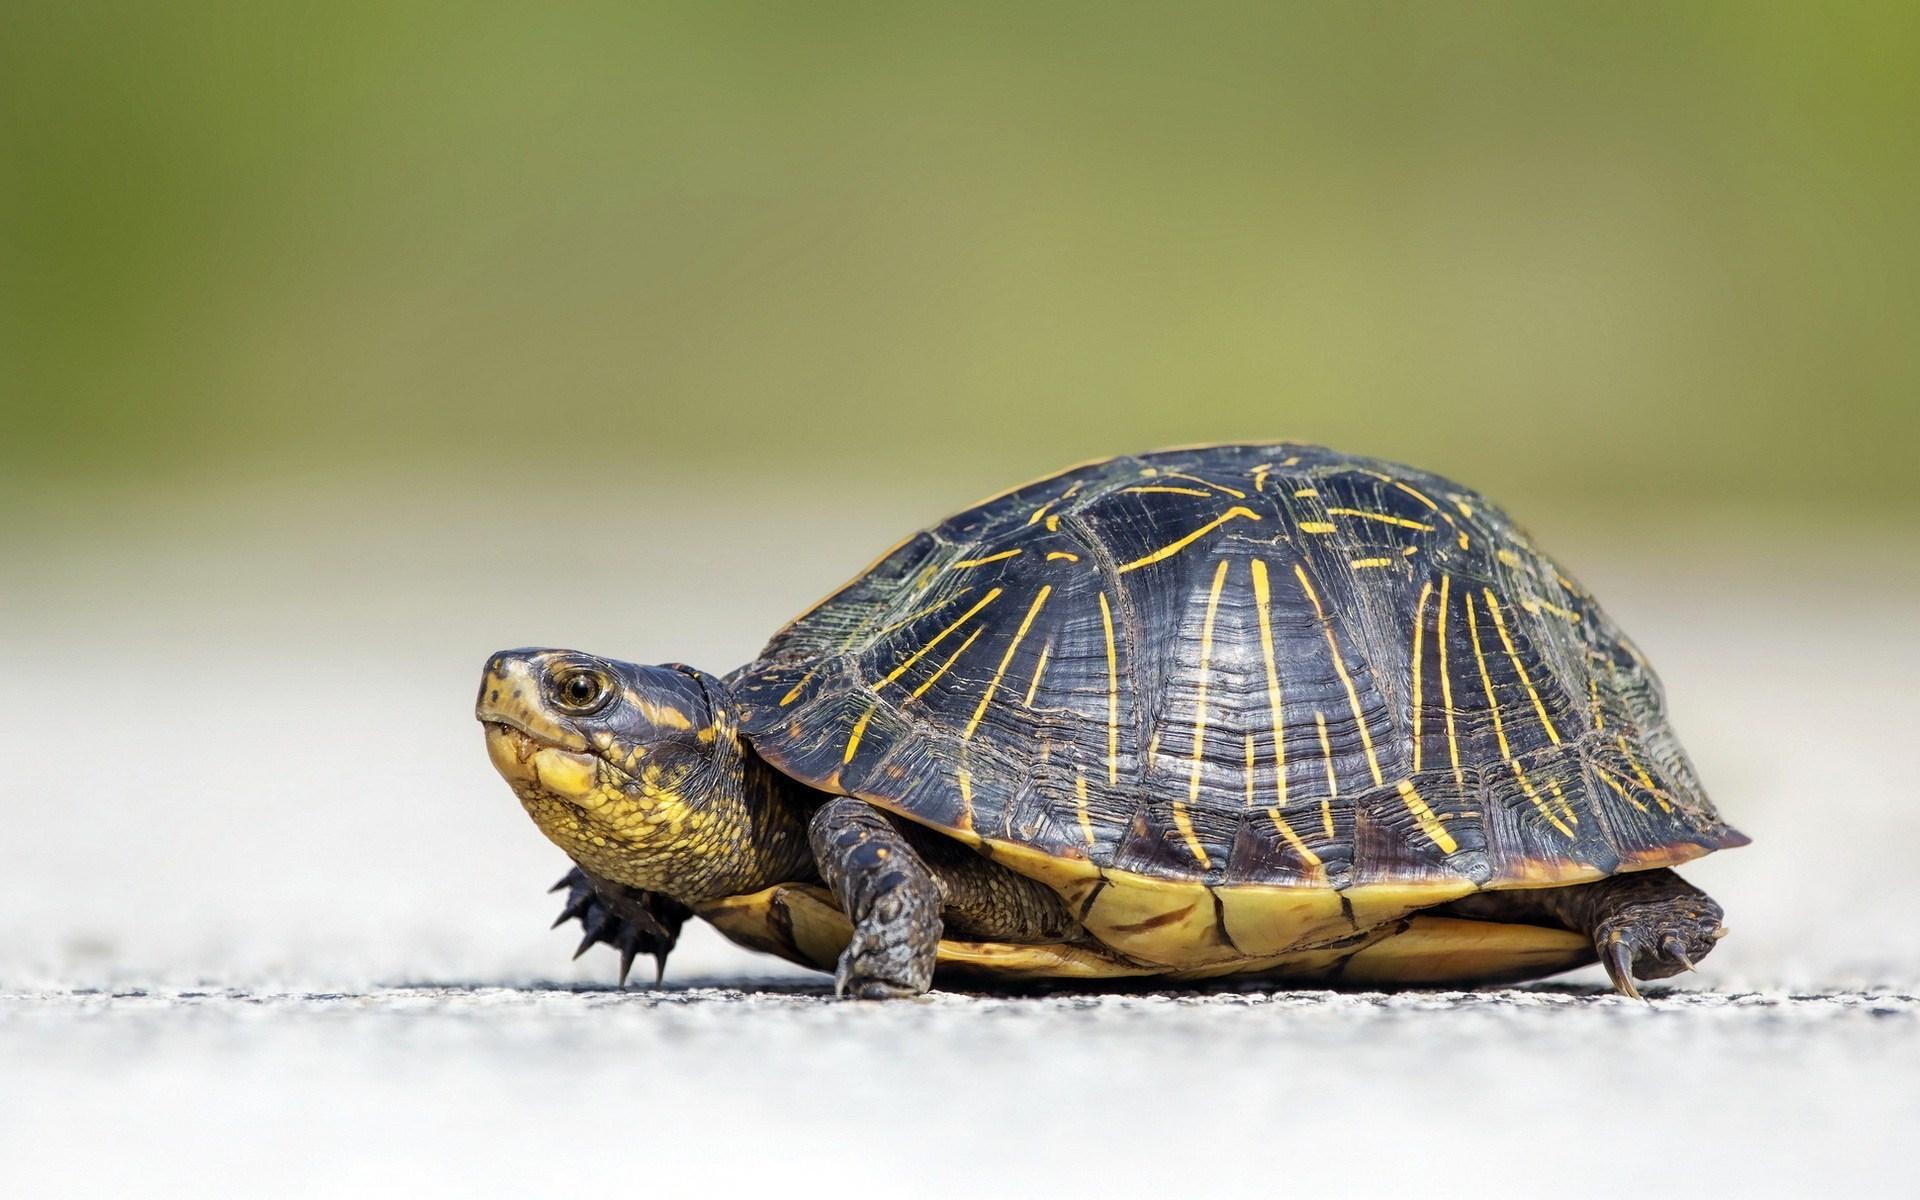 Ninja 3d Wallpaper Free Turtle Backgrounds Download Pixelstalk Net